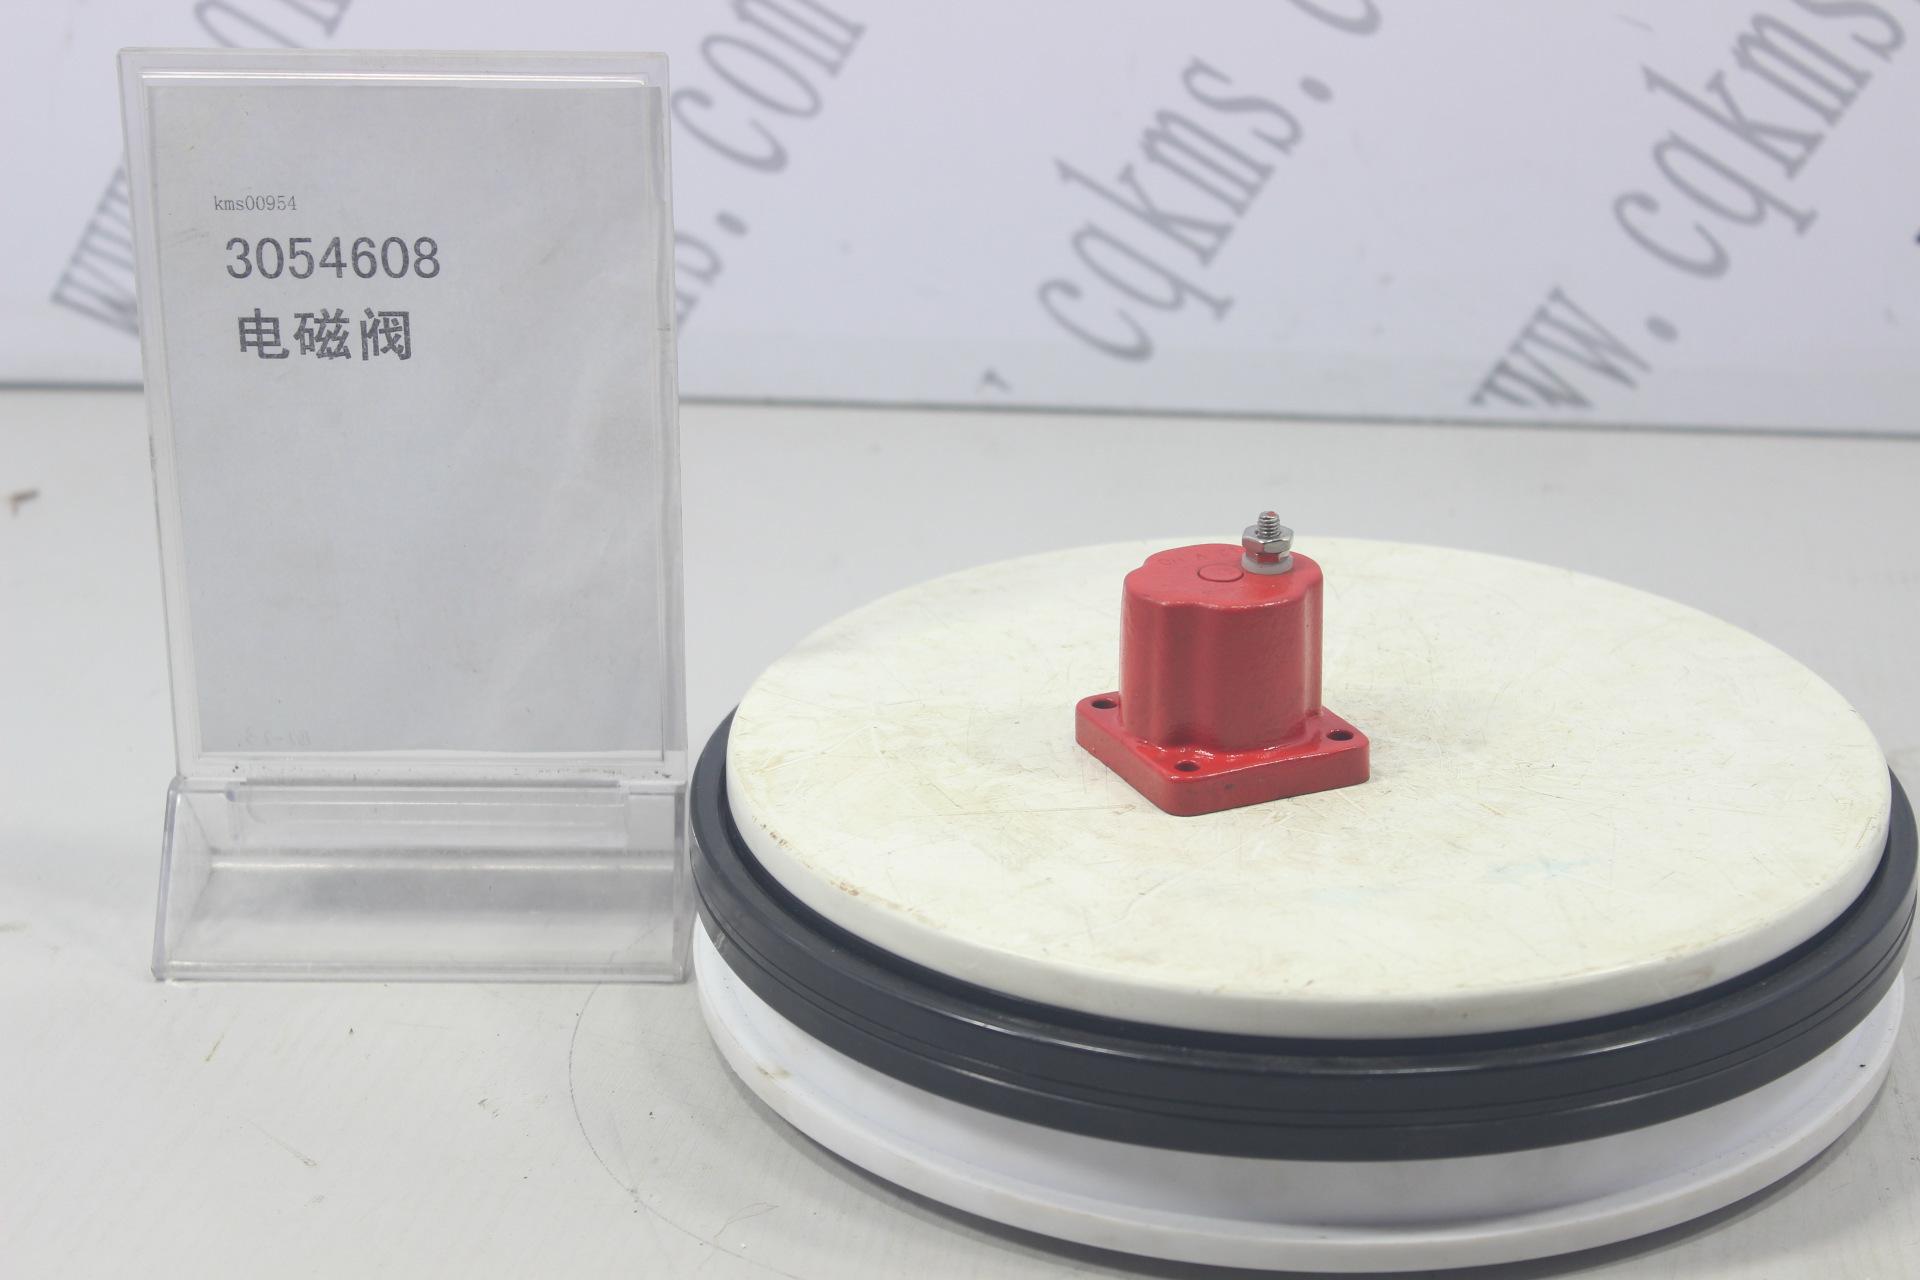 kms00954-3054608-电磁阀-用于N14康明斯发动机-N14--参考重量300-300图片4